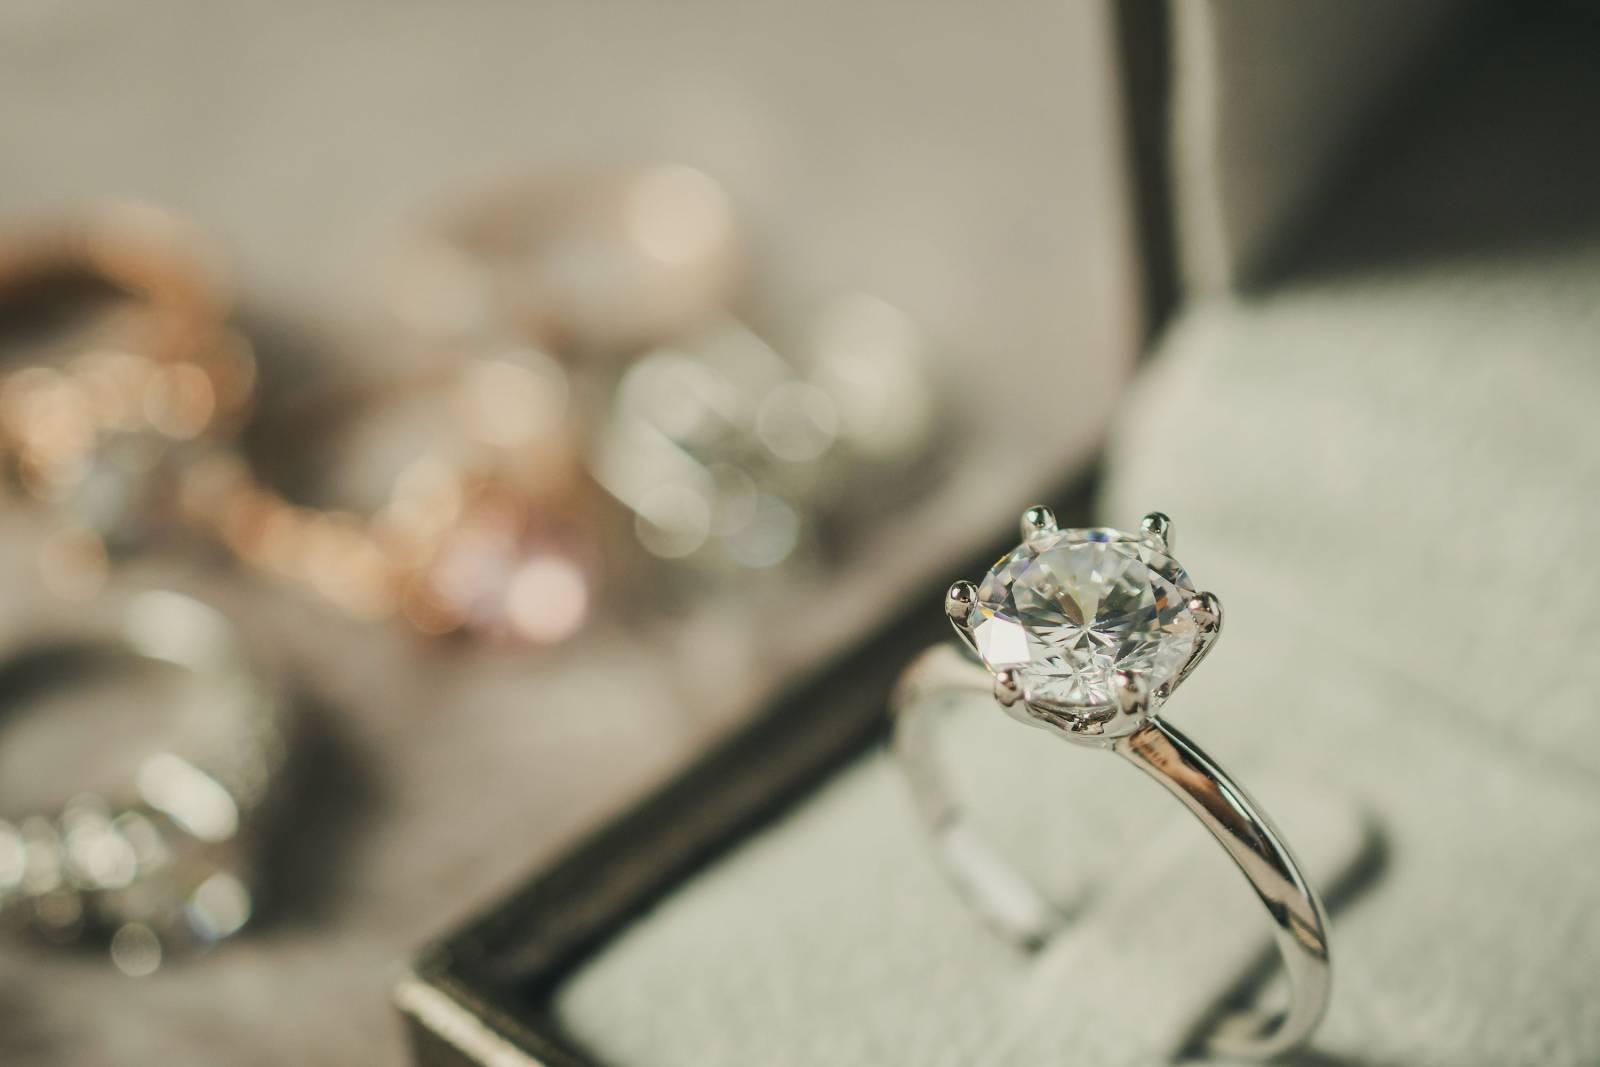 Jewels by Christiaan Van Bignoot - House of Weddings - 6